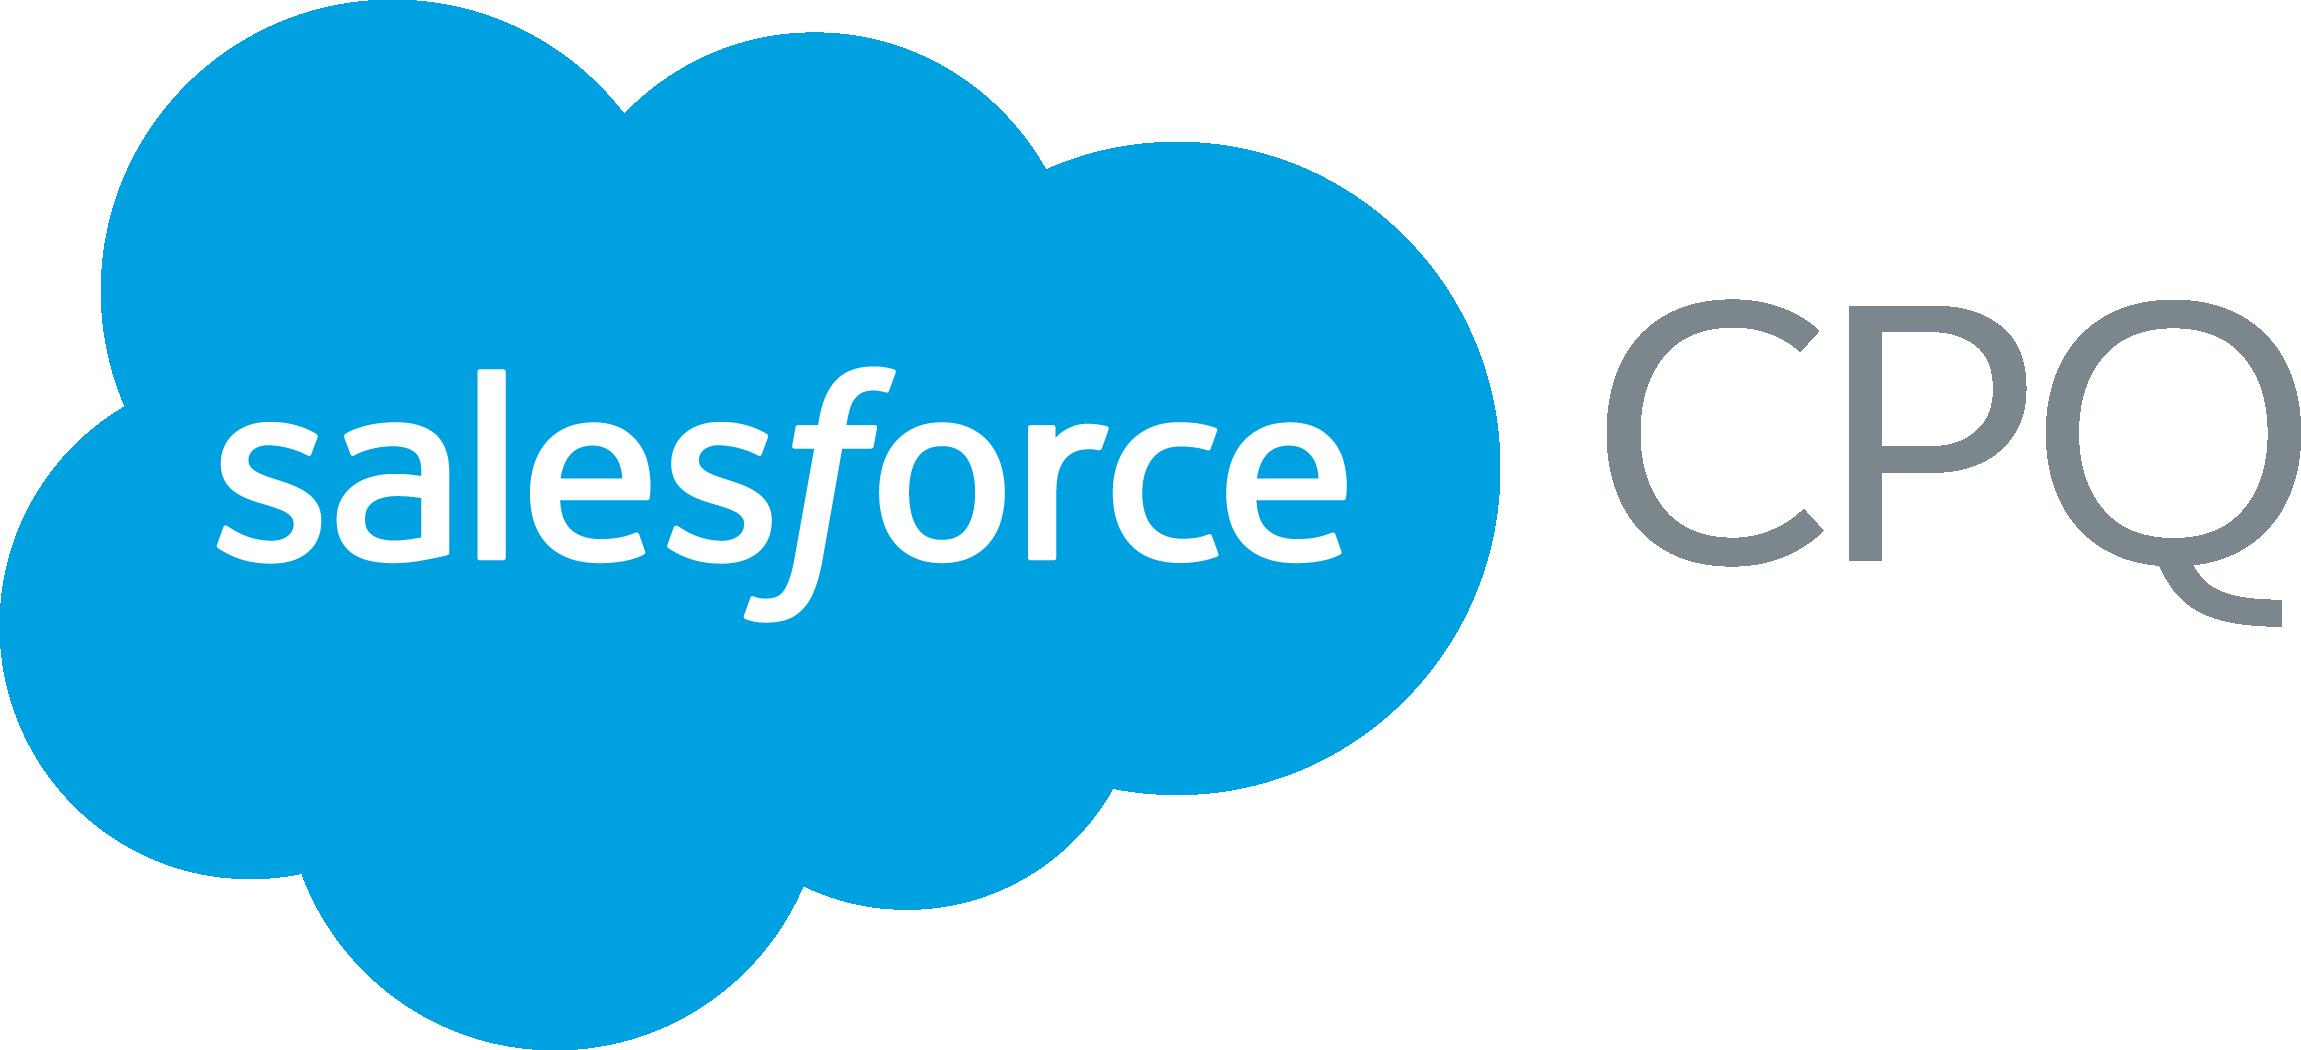 SalesforceCPQLogo